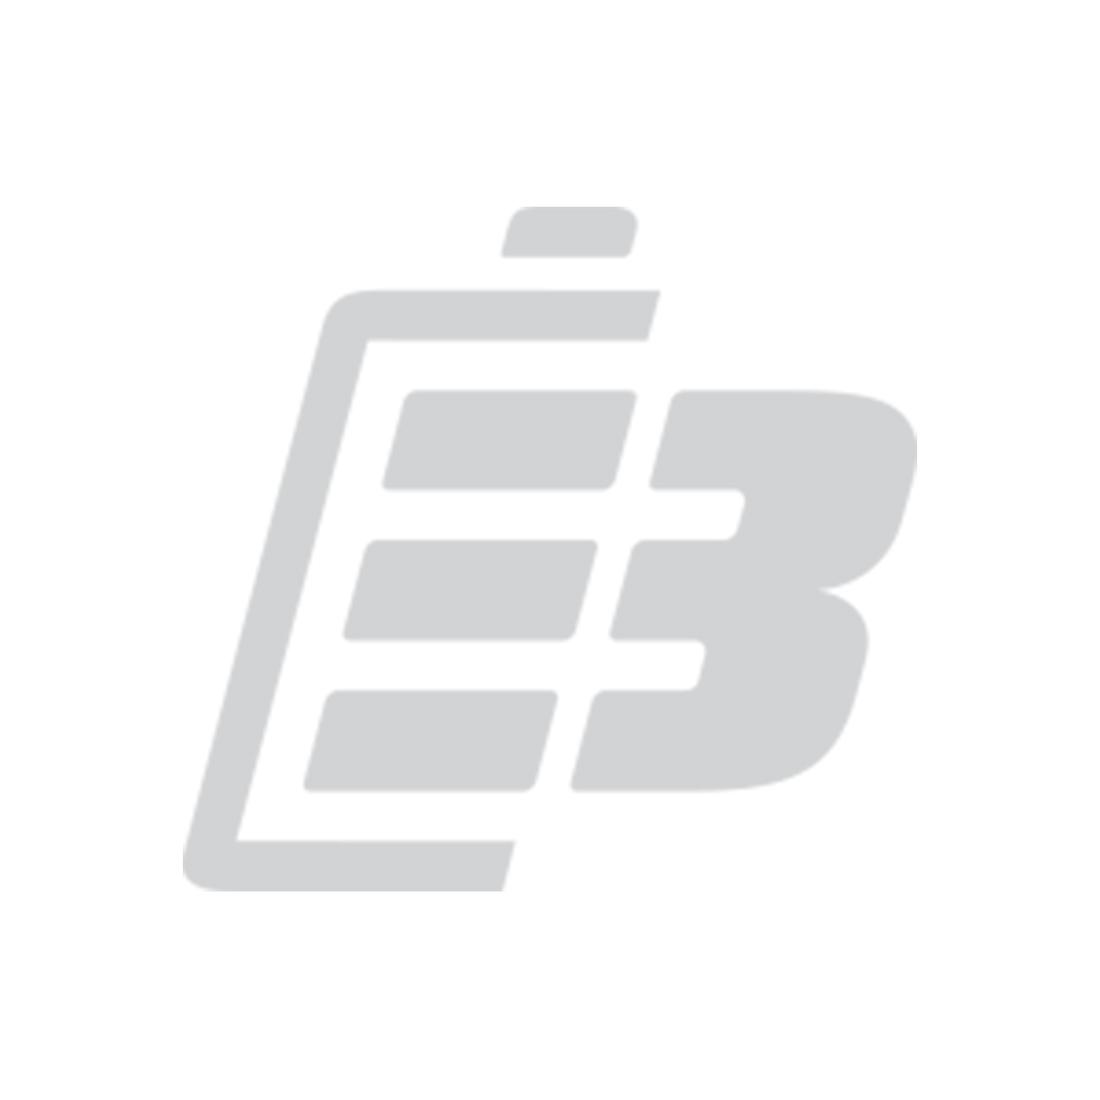 Μπαταρία smartphone Sony Xperia ion HSPA_1